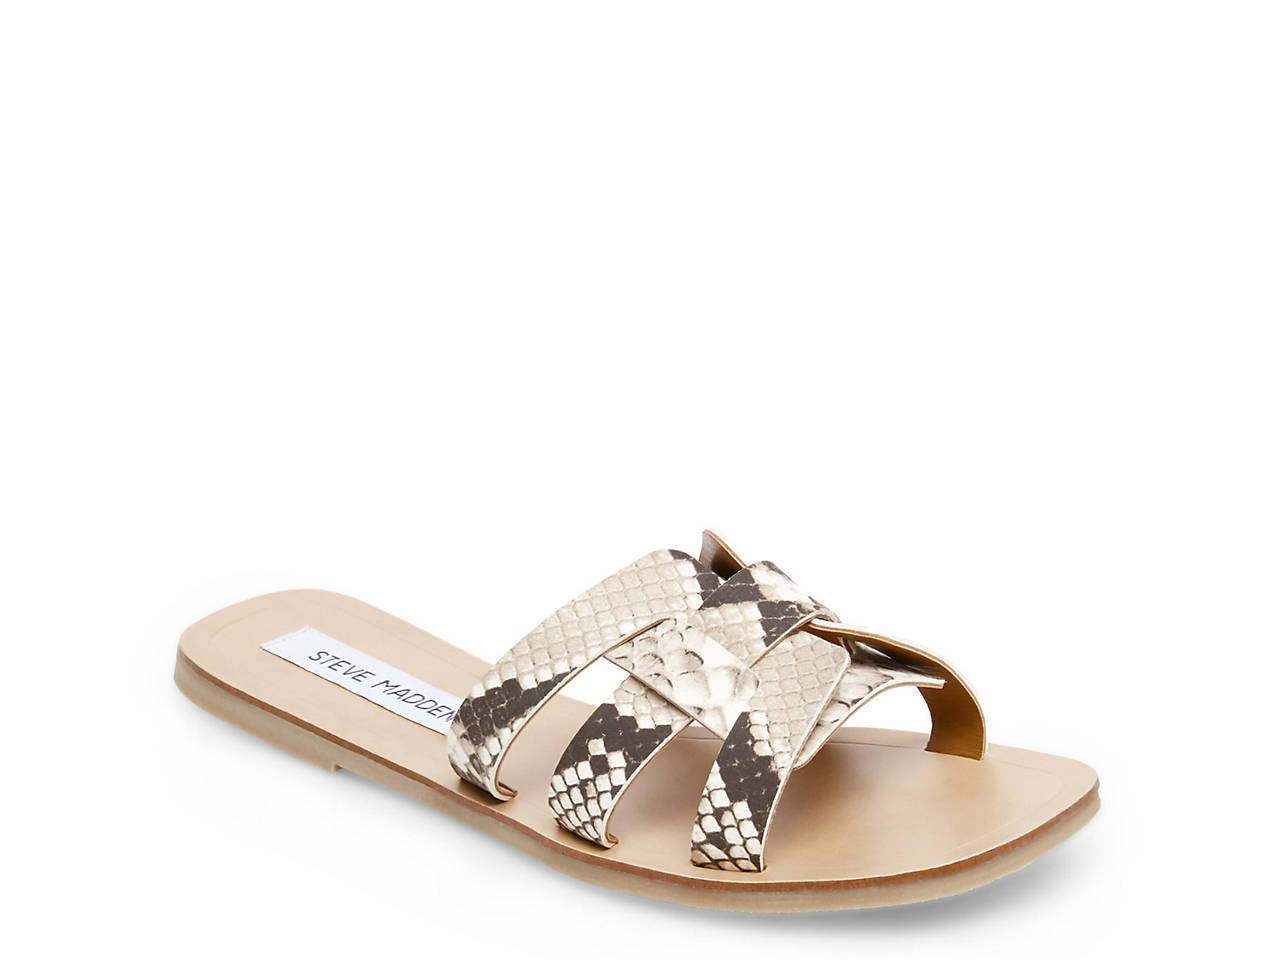 3449134f060 Steve Madden Sicily Sandal Women s Shoes